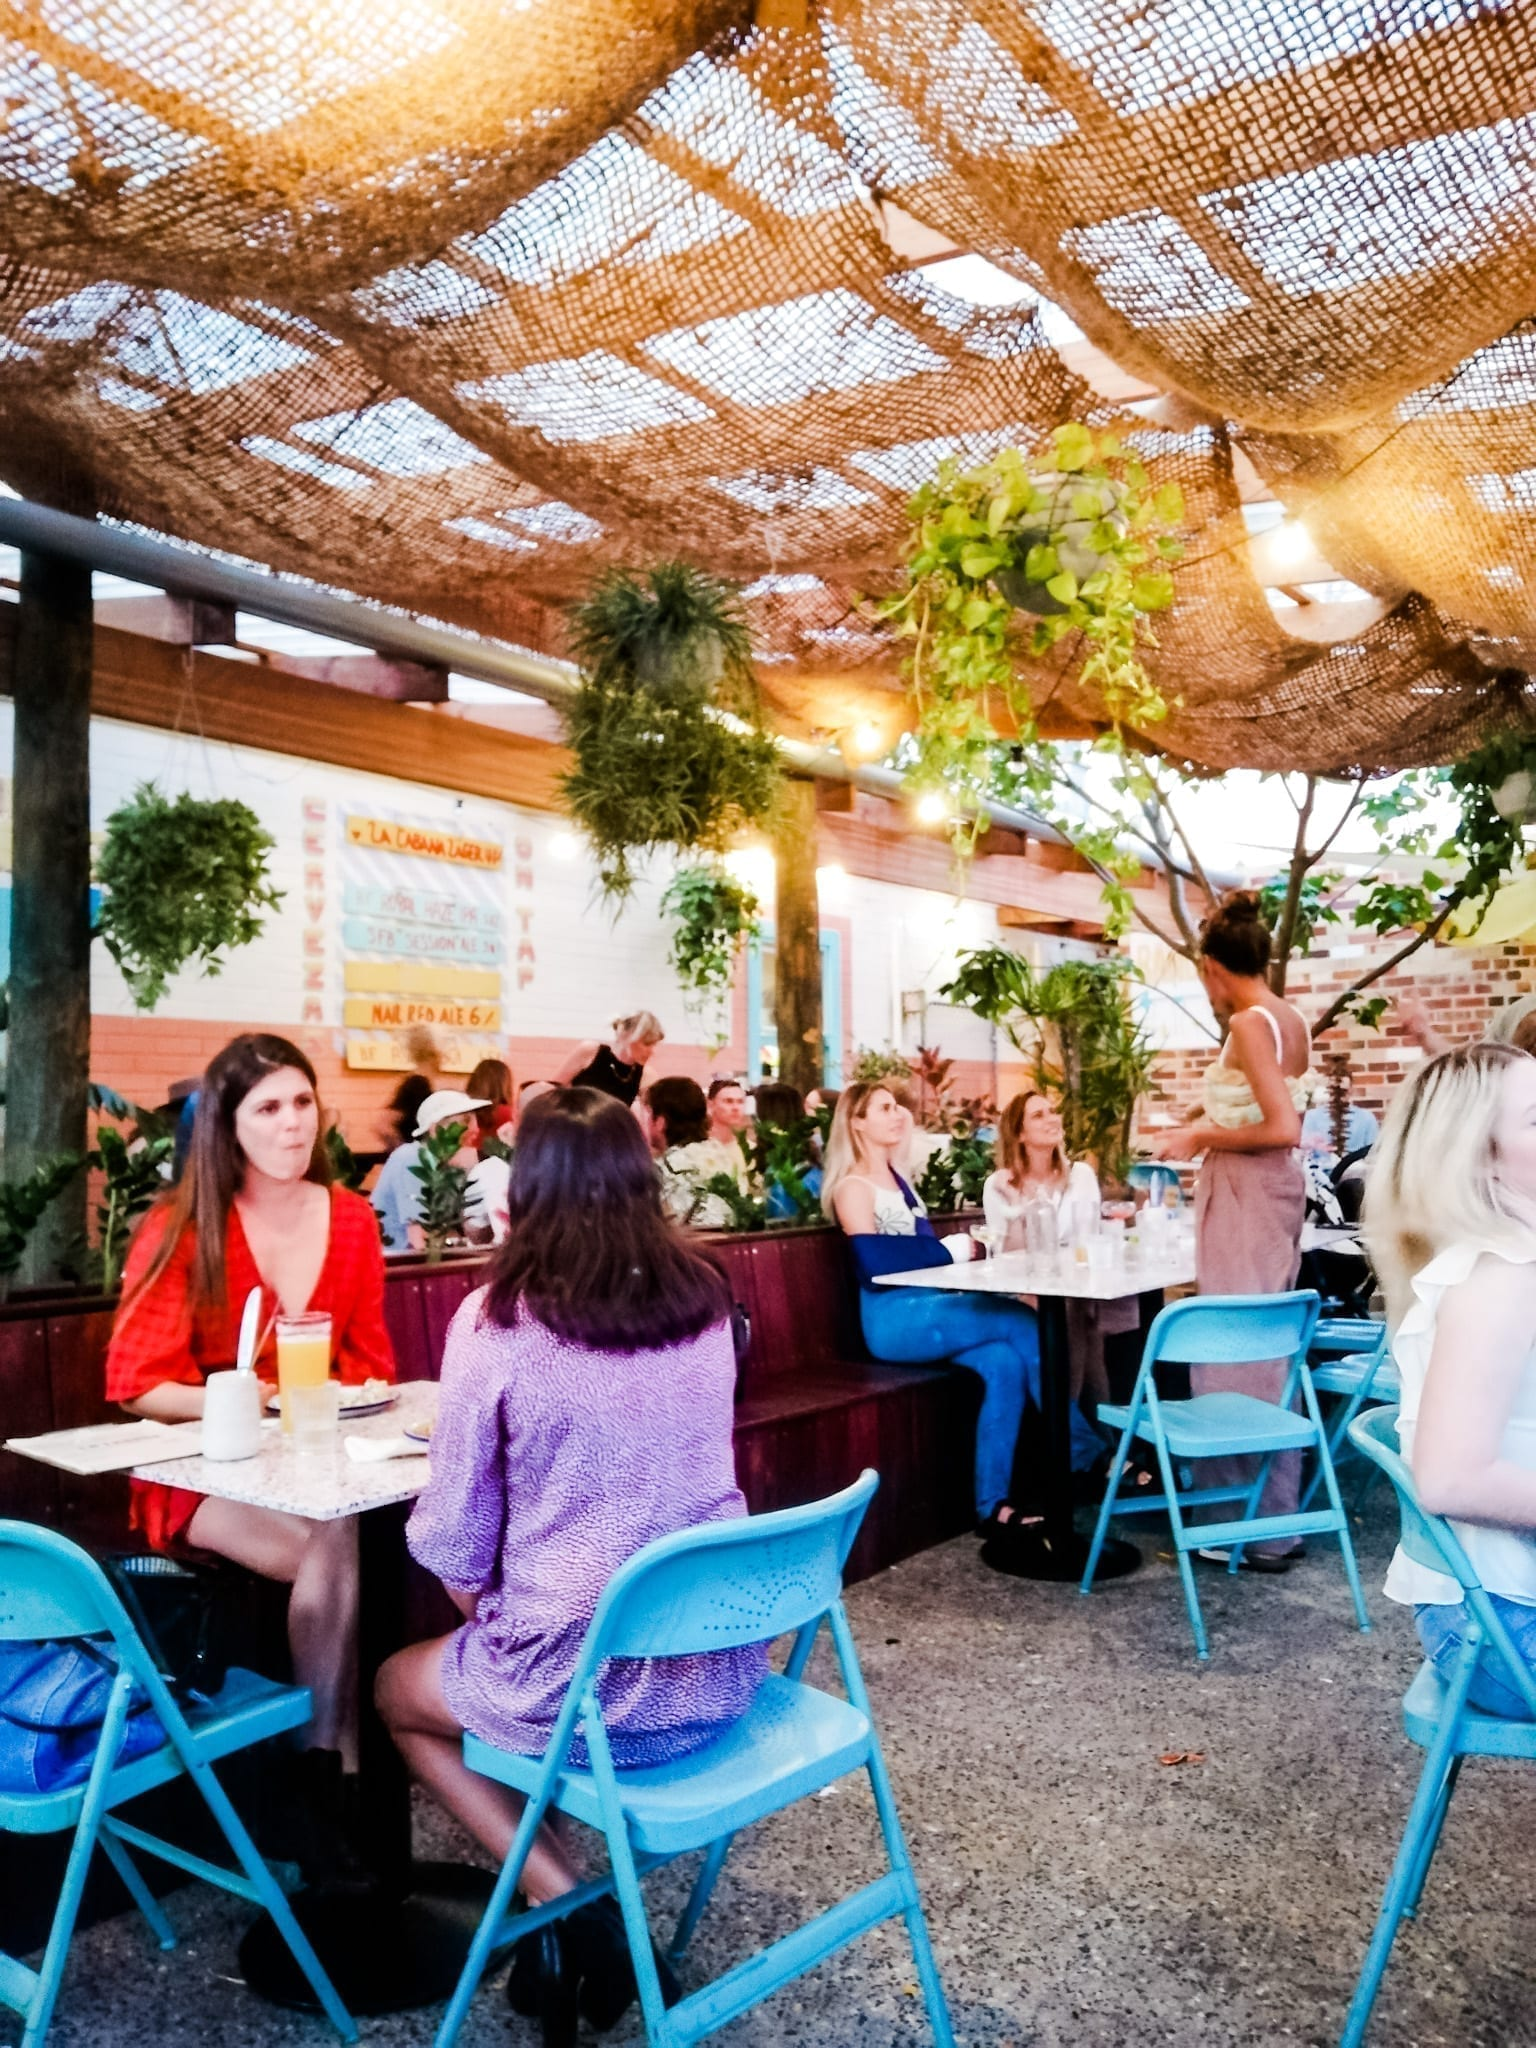 LA CABANA Bar and Taqueria